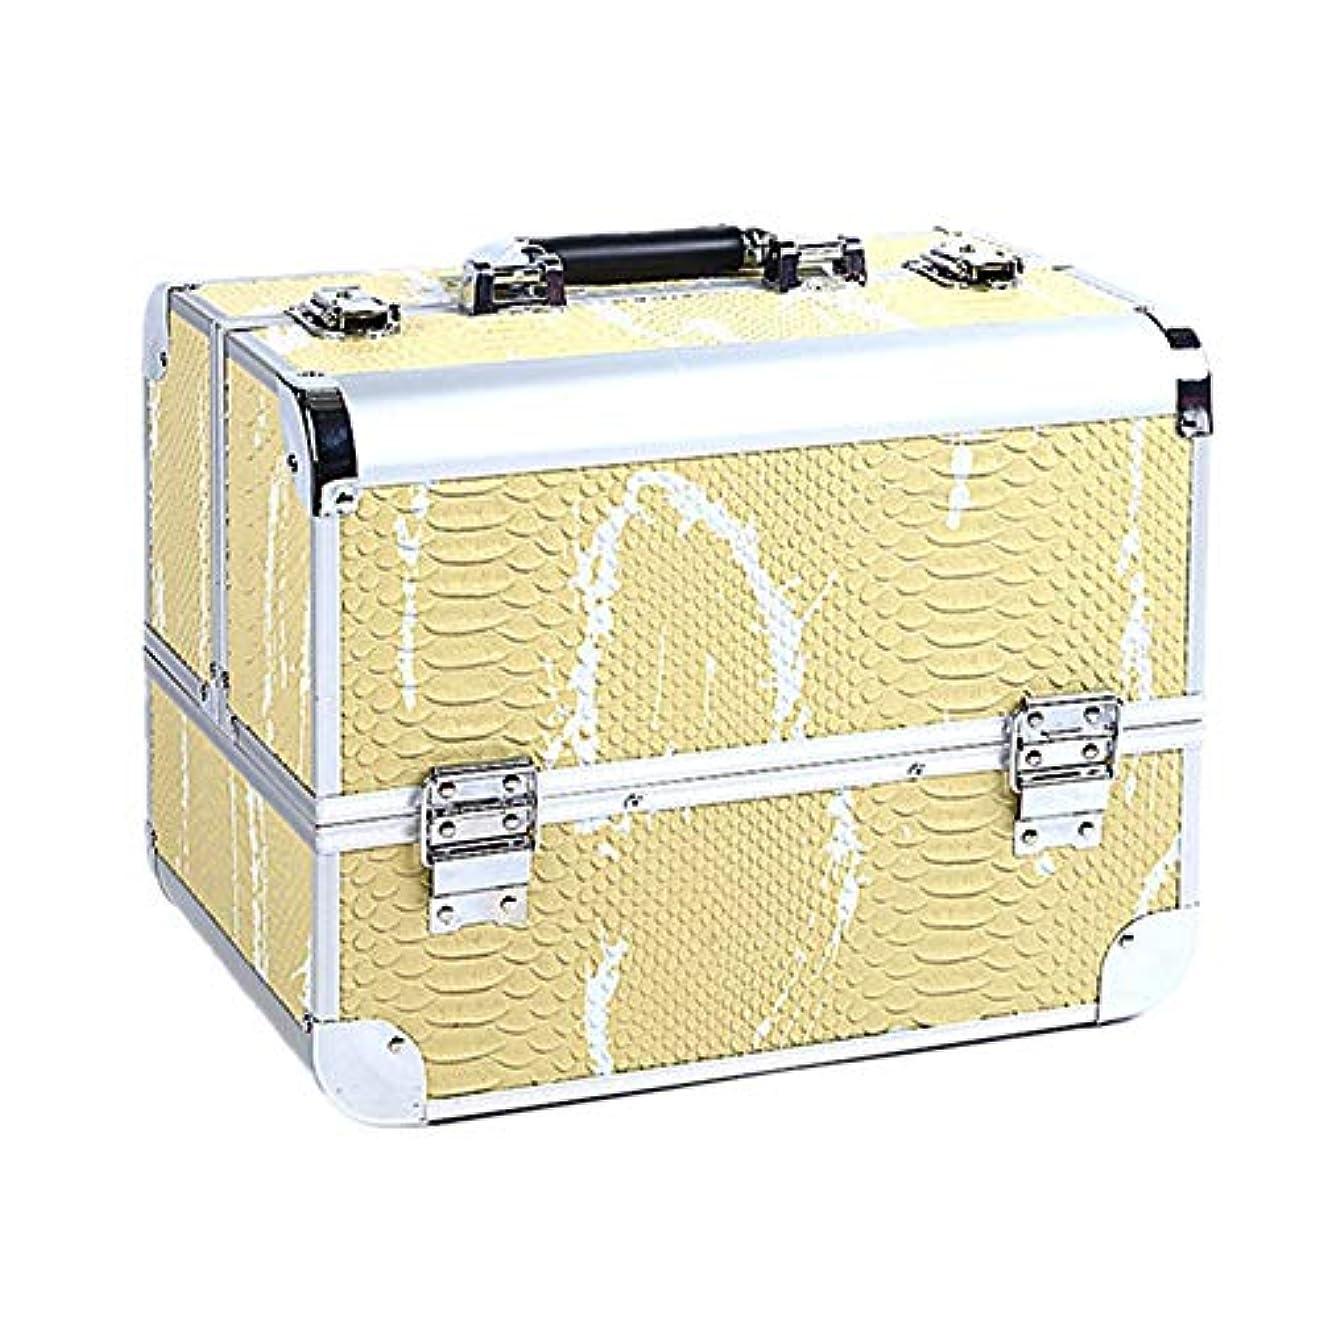 センチメートル二層組み立てる化粧オーガナイザーバッグ 大容量ポータブル化粧品ケース用トラベルアクセサリーシャンプーボディウォッシュパーソナルアイテムストレージロックと拡張トレイ 化粧品ケース